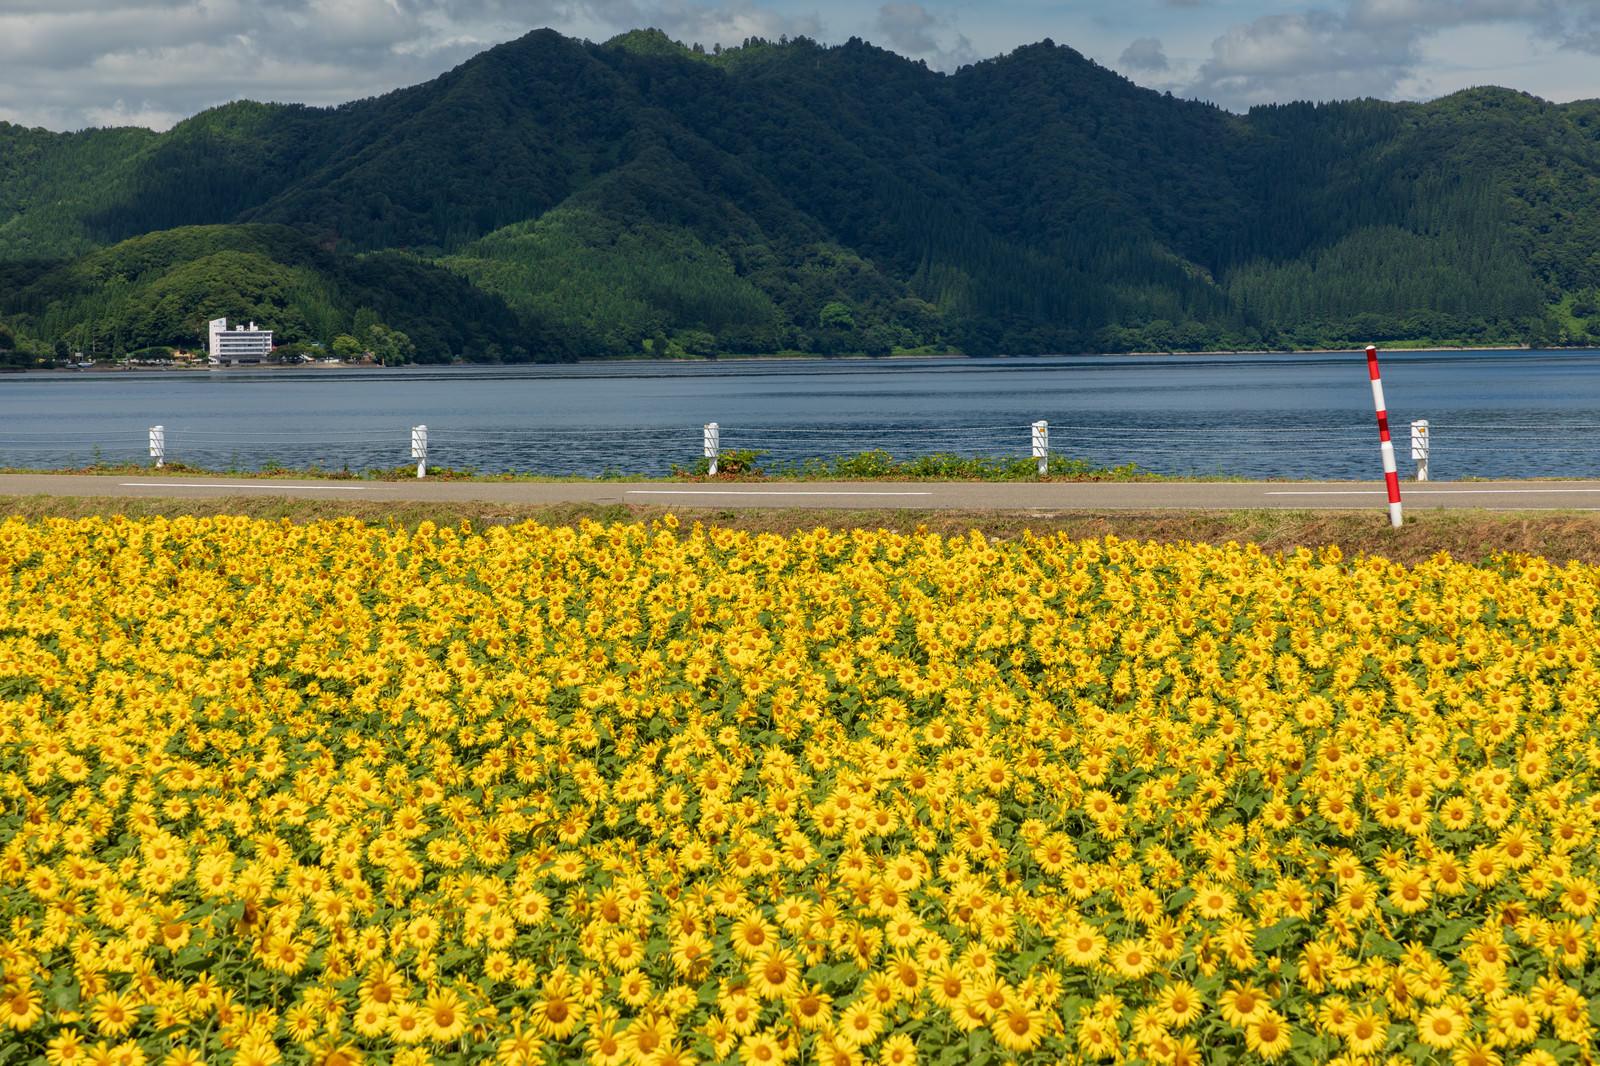 「田沢湖とひまわり畑」の写真